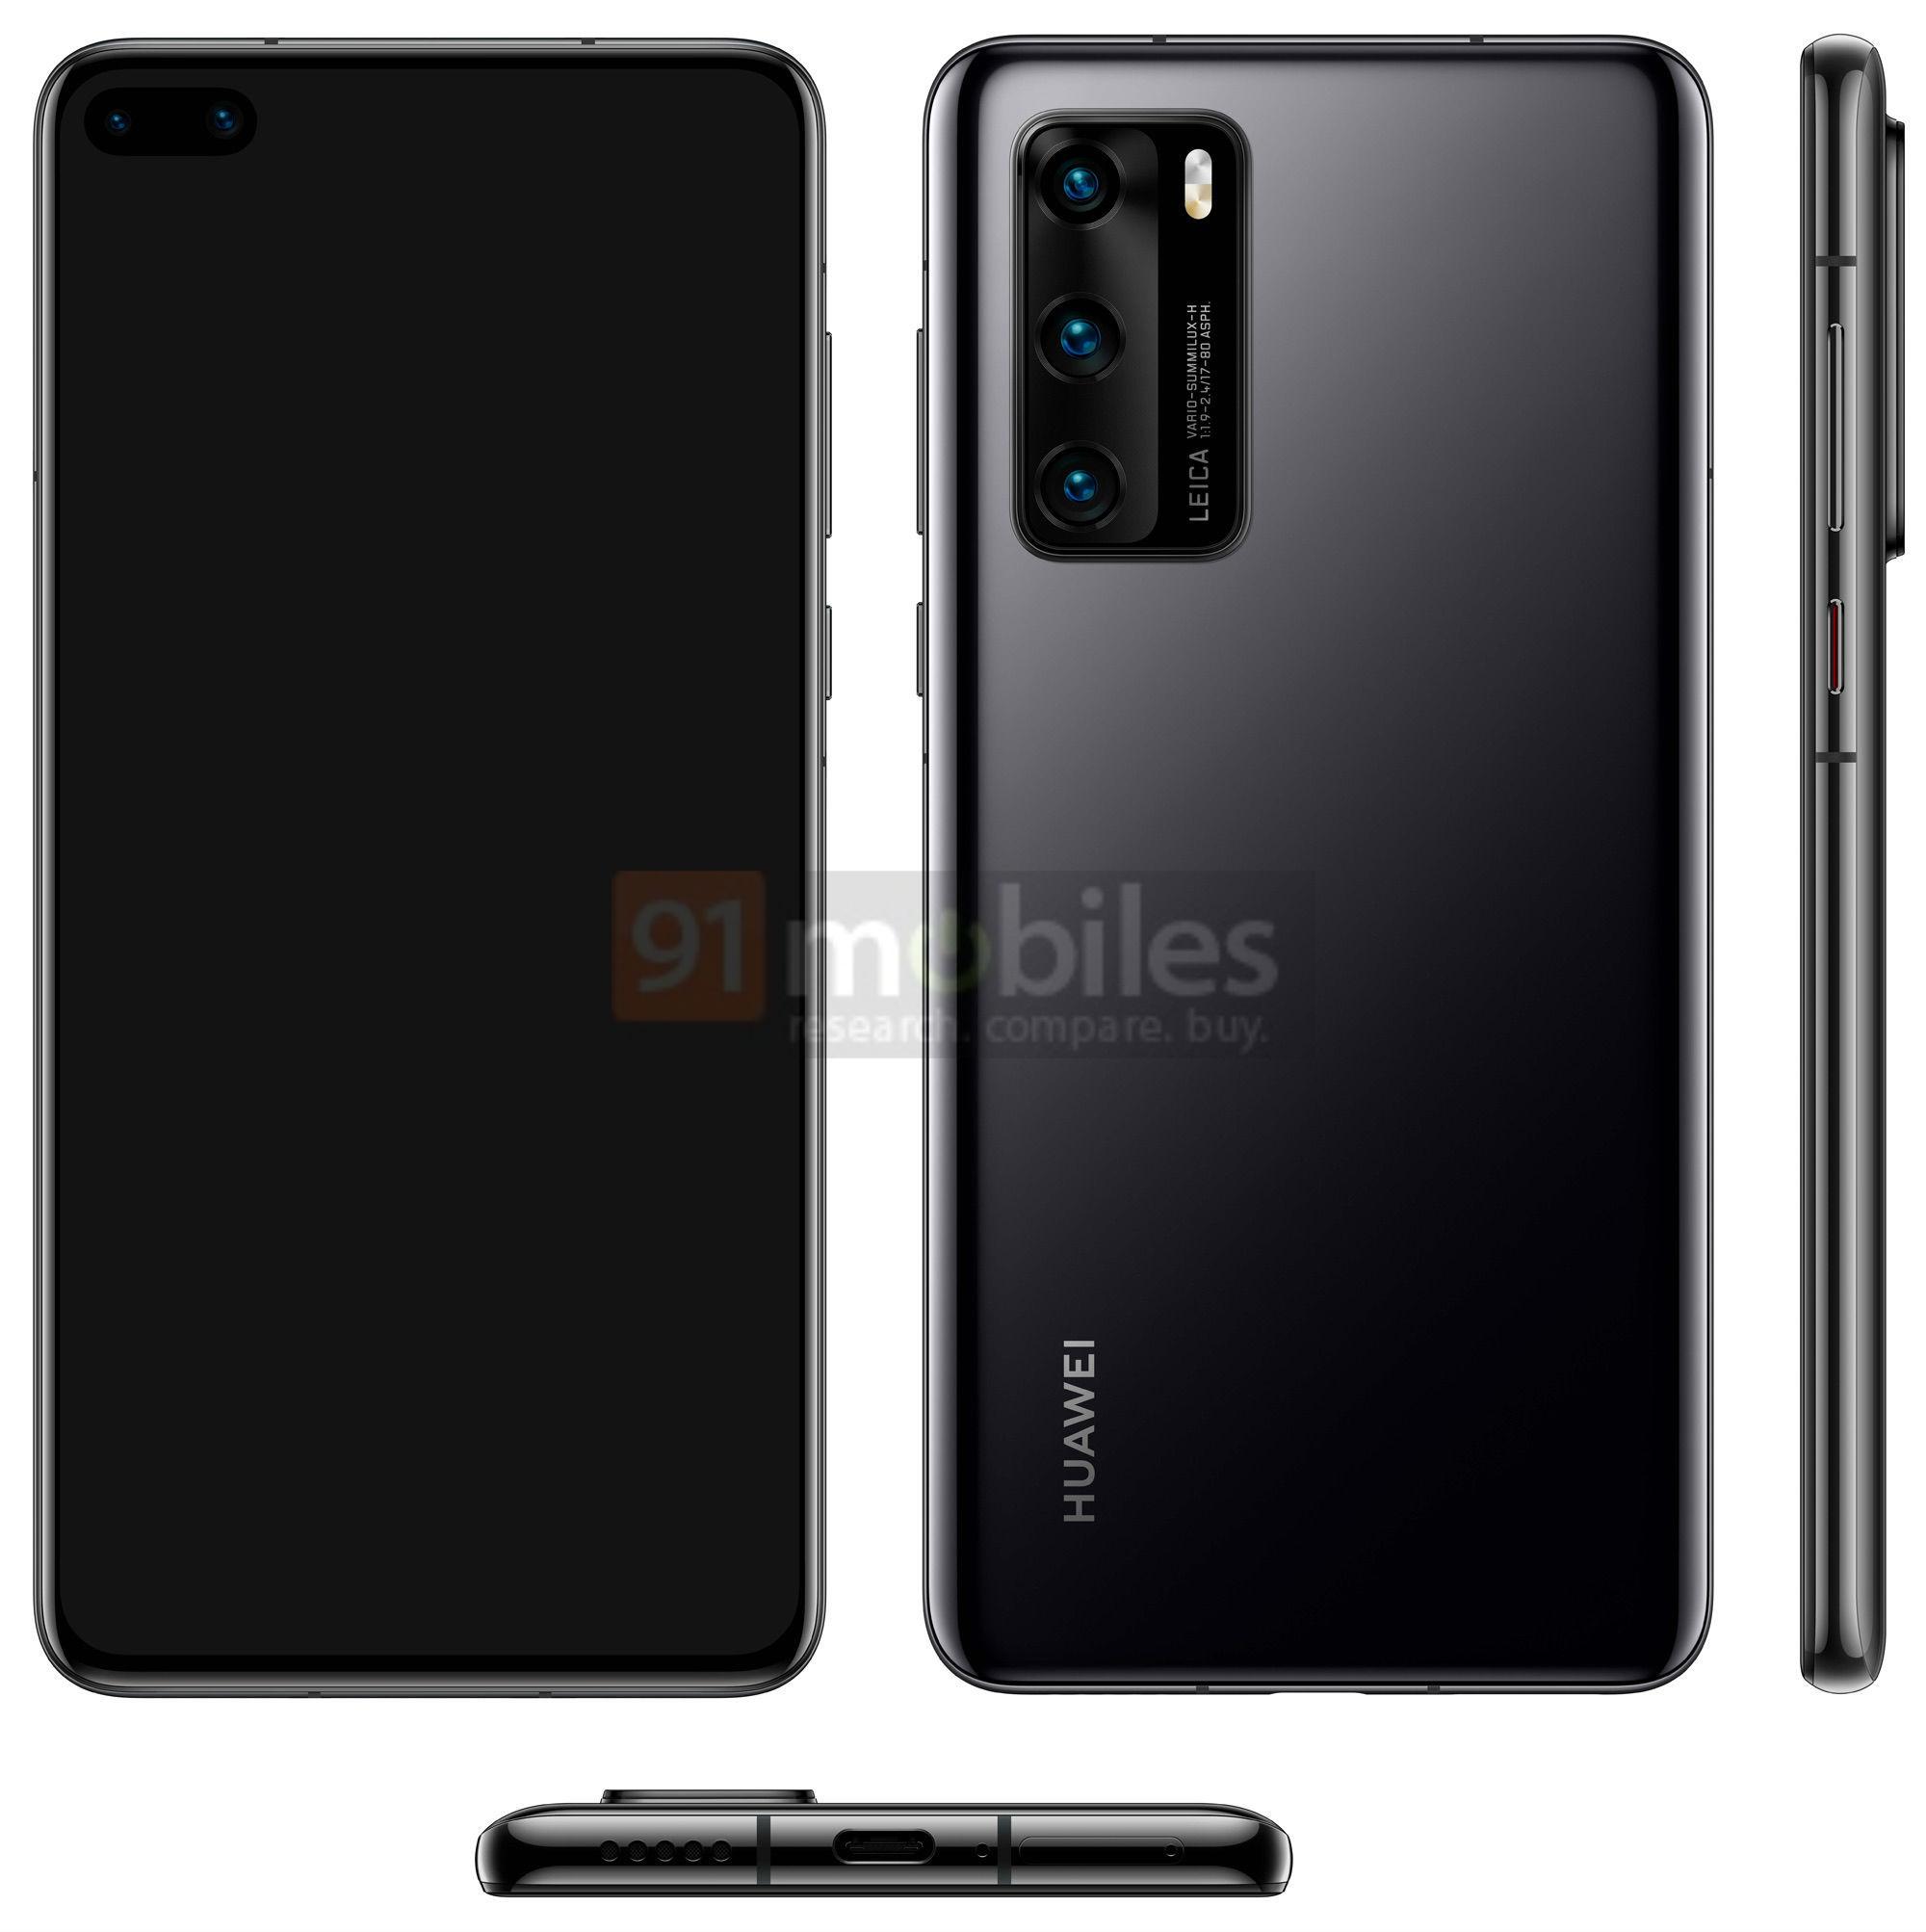 Le Huawei P40 aurait une double bulle dans l'écran, comme le Galaxy S10+